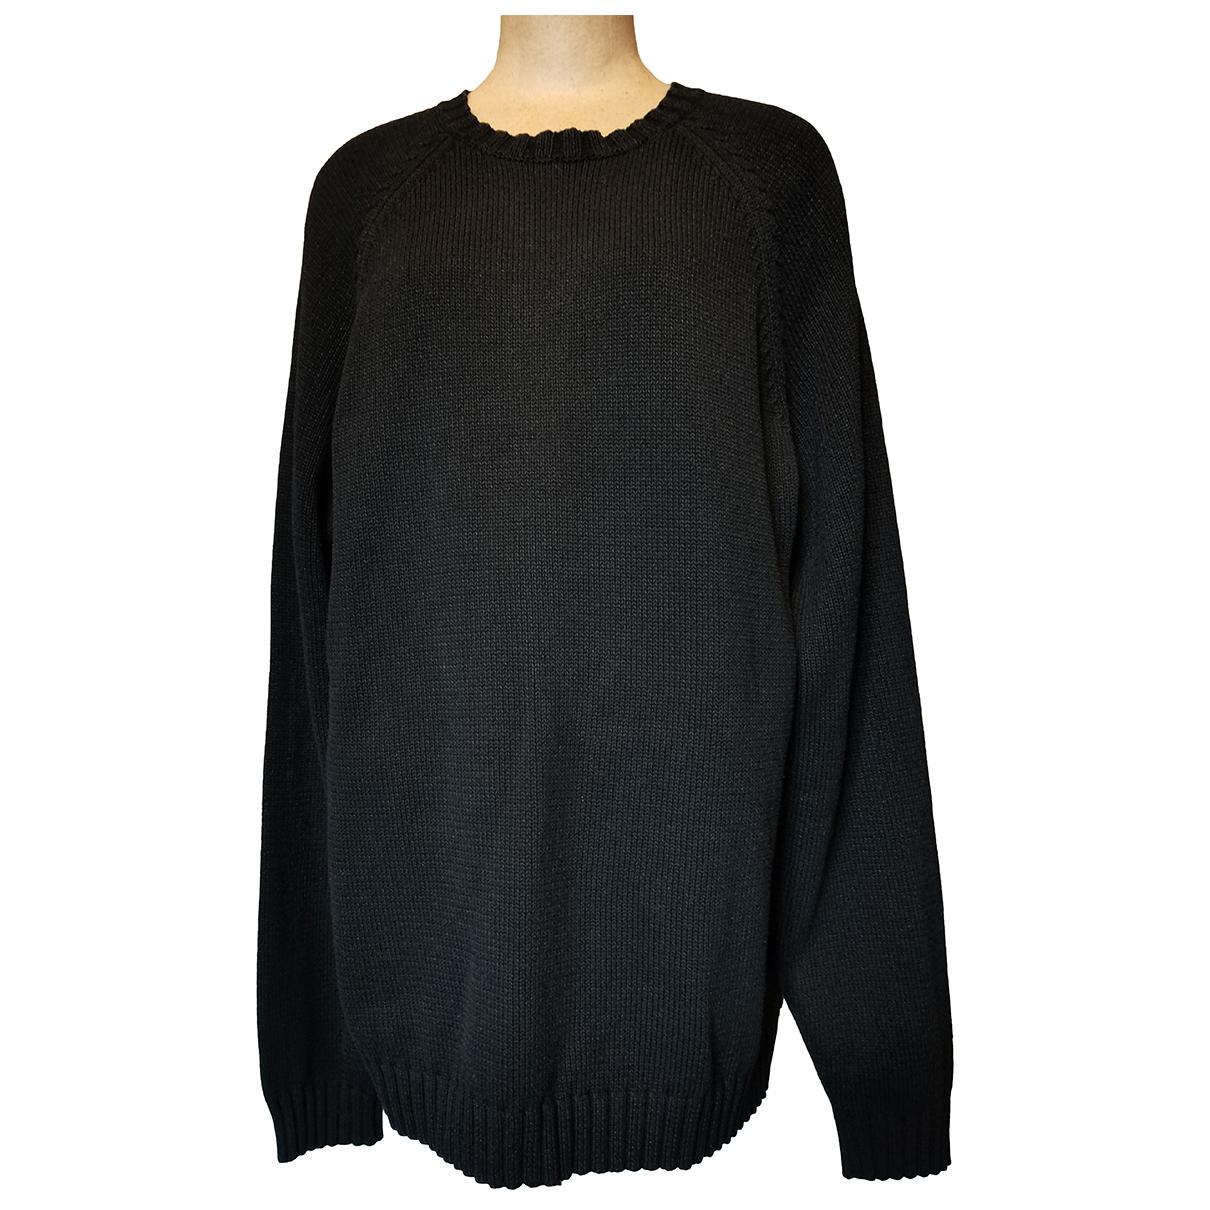 Timberland - Pulls.Gilets.Sweats   pour homme en coton - noir